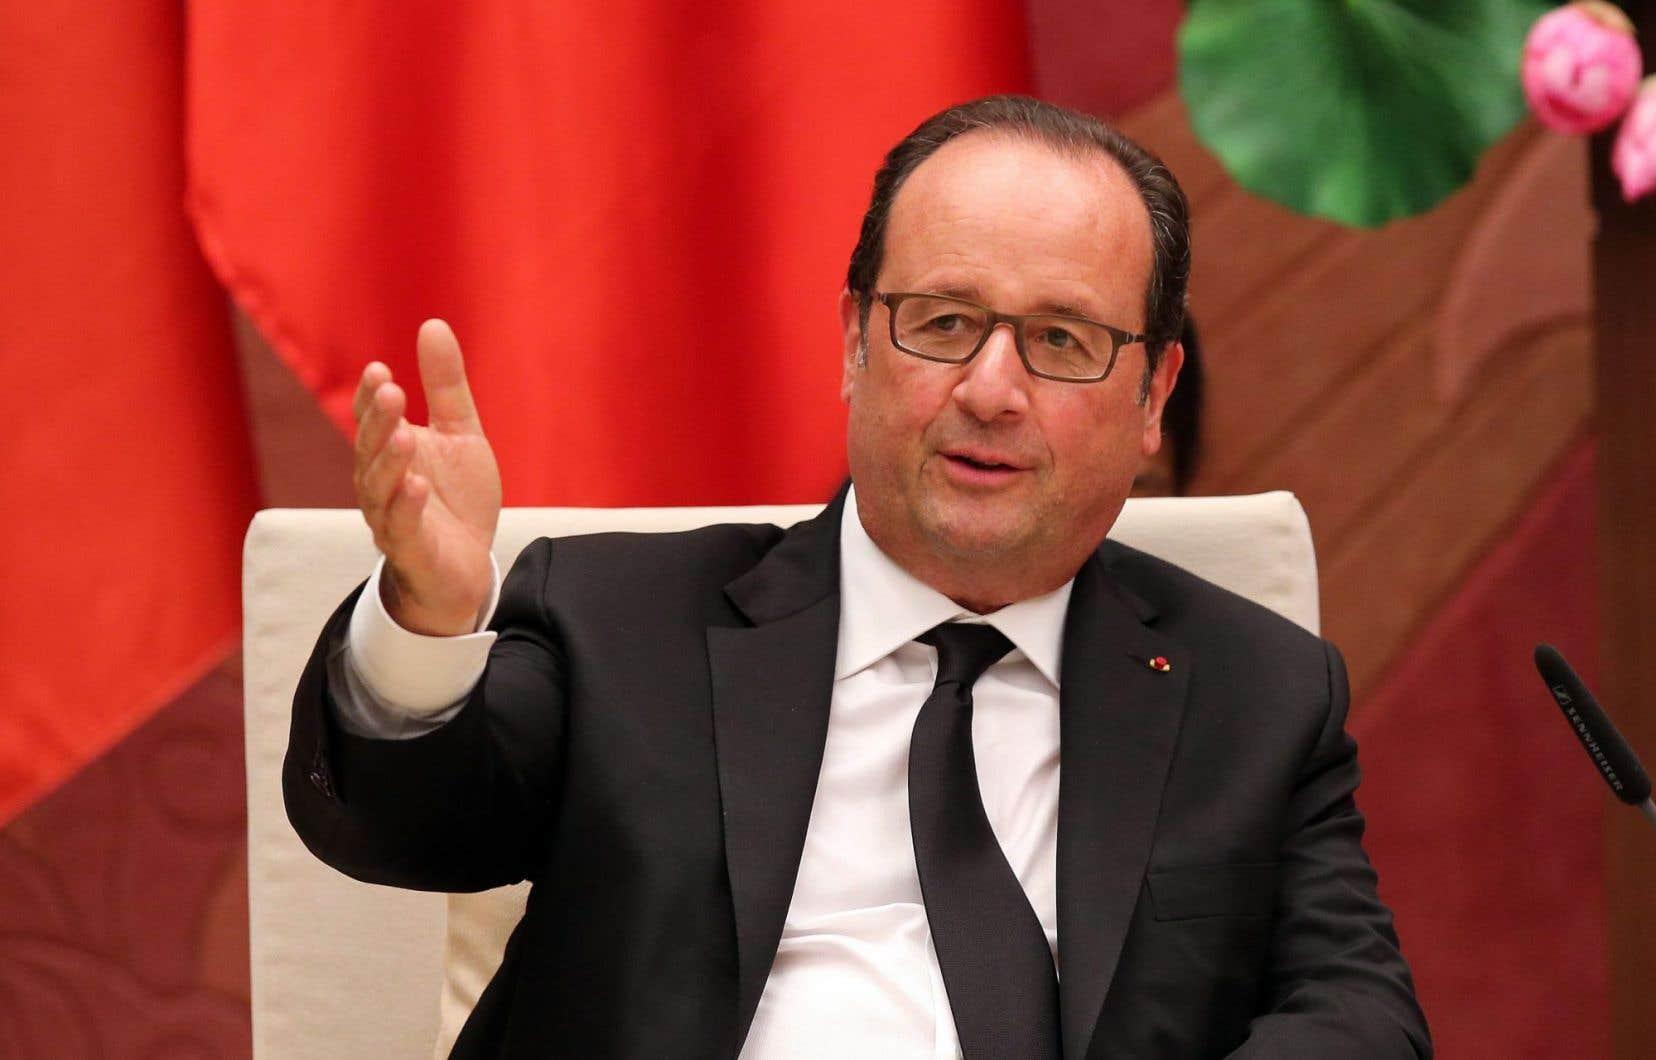 Le président français, François Hollande, serait éliminé dès le premier tour de la présidentielle de 2017, selon une enquête.